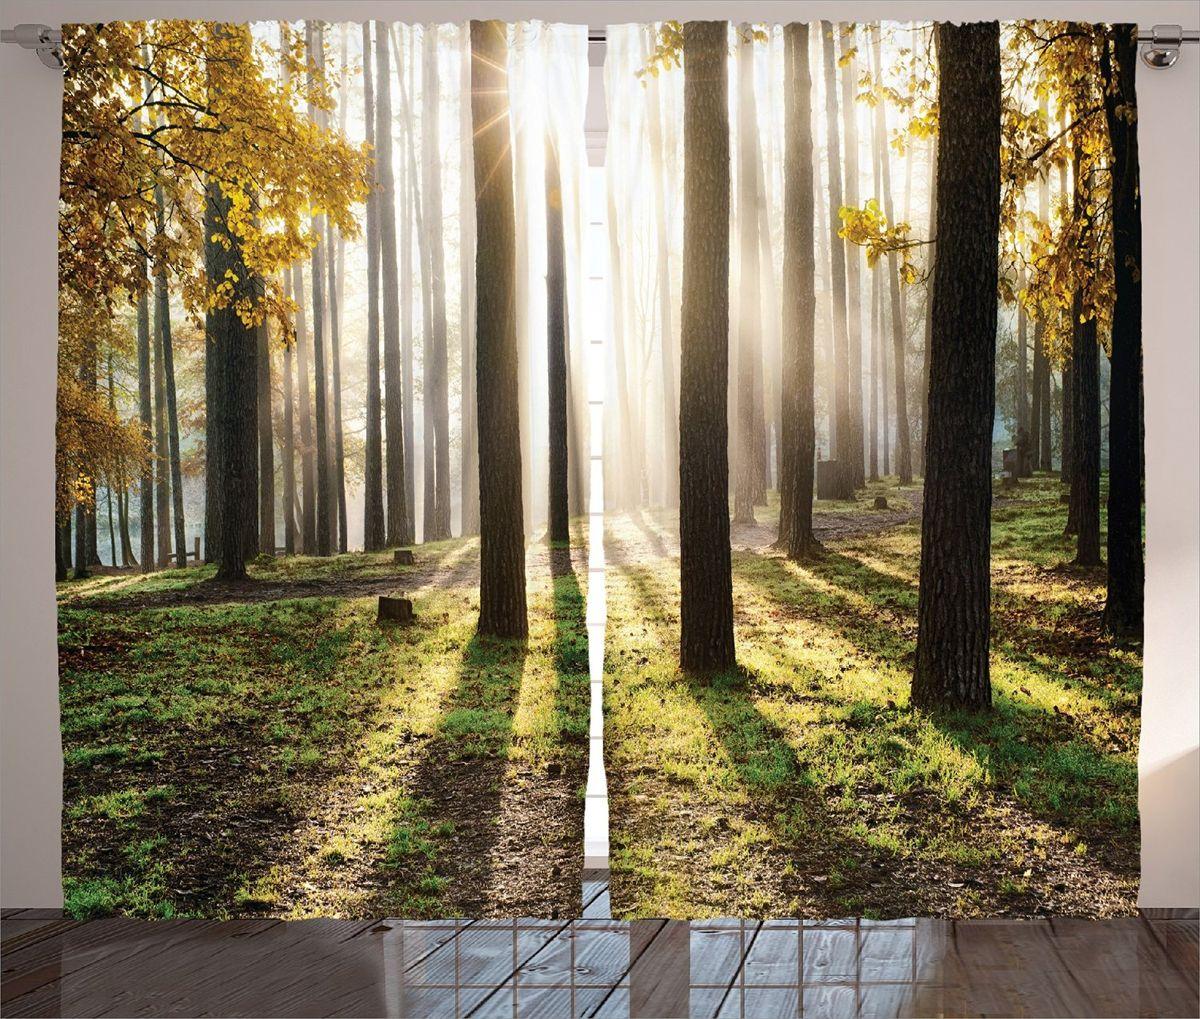 Комплект фотоштор Magic Lady Солнце в осеннем лесу, на ленте, высота 265 см. шсг_1521721299Роскошный комплект фотоштор Magic Lady Солнце в осеннем лесу, выполненный из высококачественного сатена (полиэстер 100%), великолепно украсит любое окно. При изготовлении используются специальные гипоаллергенные чернила. Комплект состоит из двух фотоштор и декорирован изящным рисунком. Оригинальный дизайн и цветовая гамма привлекут к себе внимание и органично впишутся в интерьер комнаты. Крепление на карниз при помощи шторной ленты на крючки.